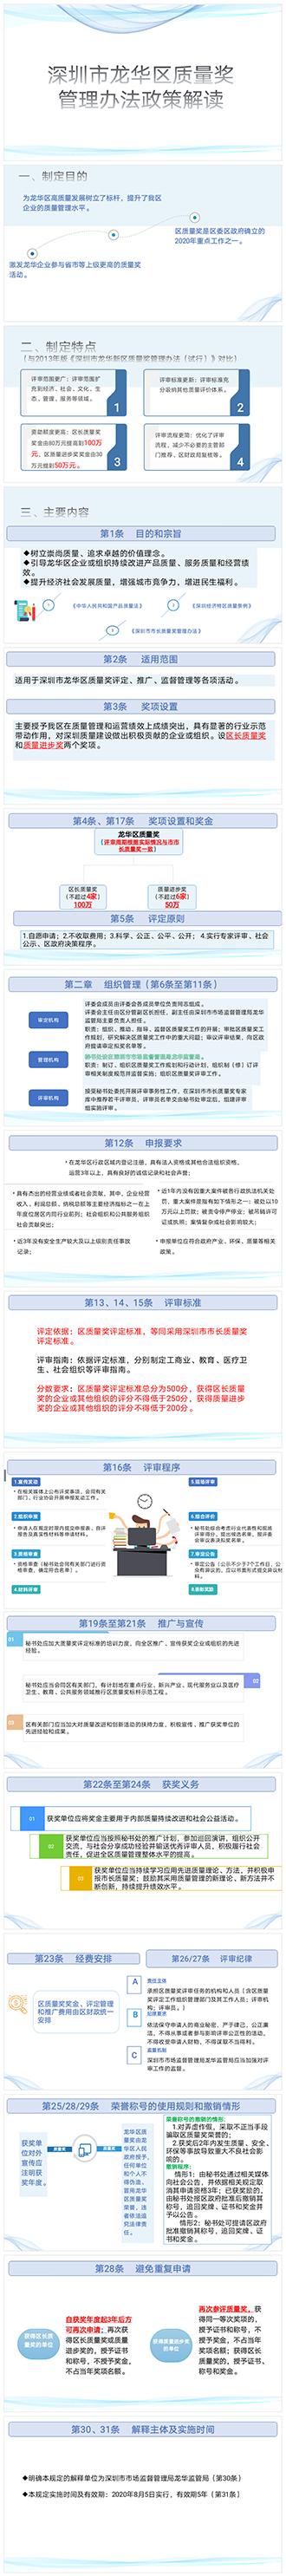 图解:《深圳市龙华区质量奖管理办法》.png